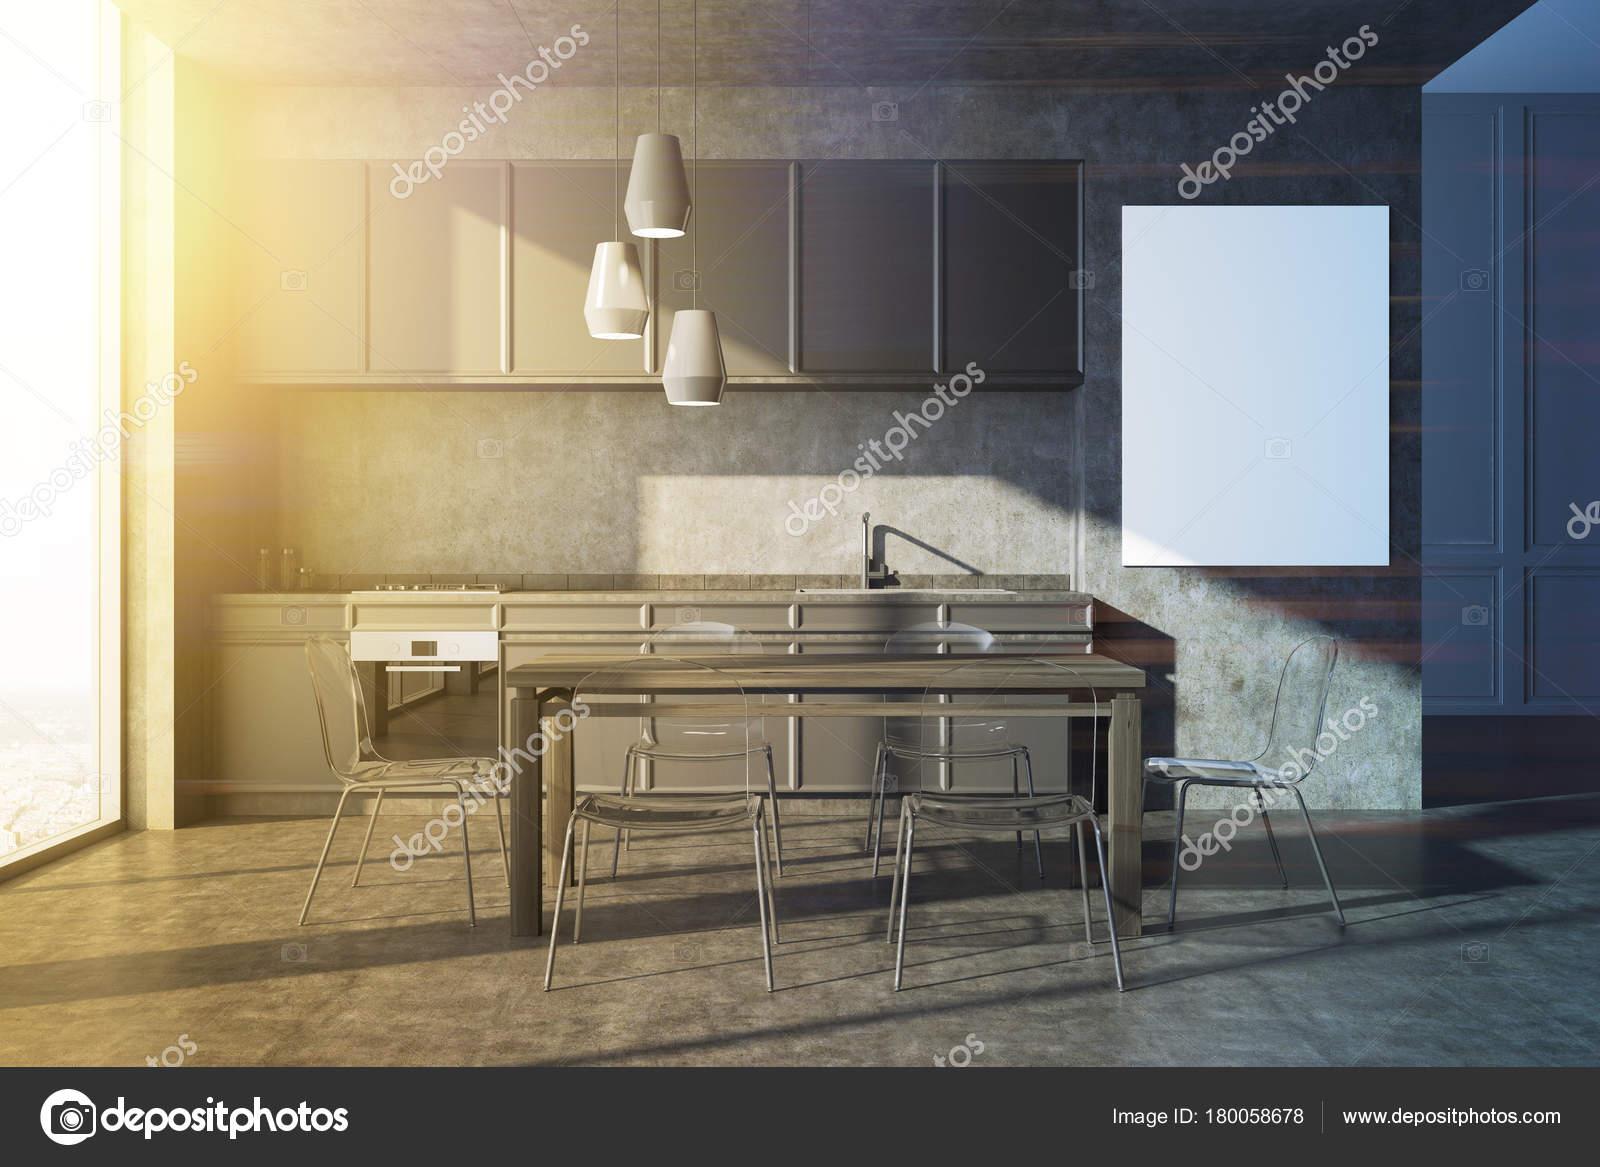 Graue kuche welche arbeitsplatte for Welche arbeitsplatte kuche